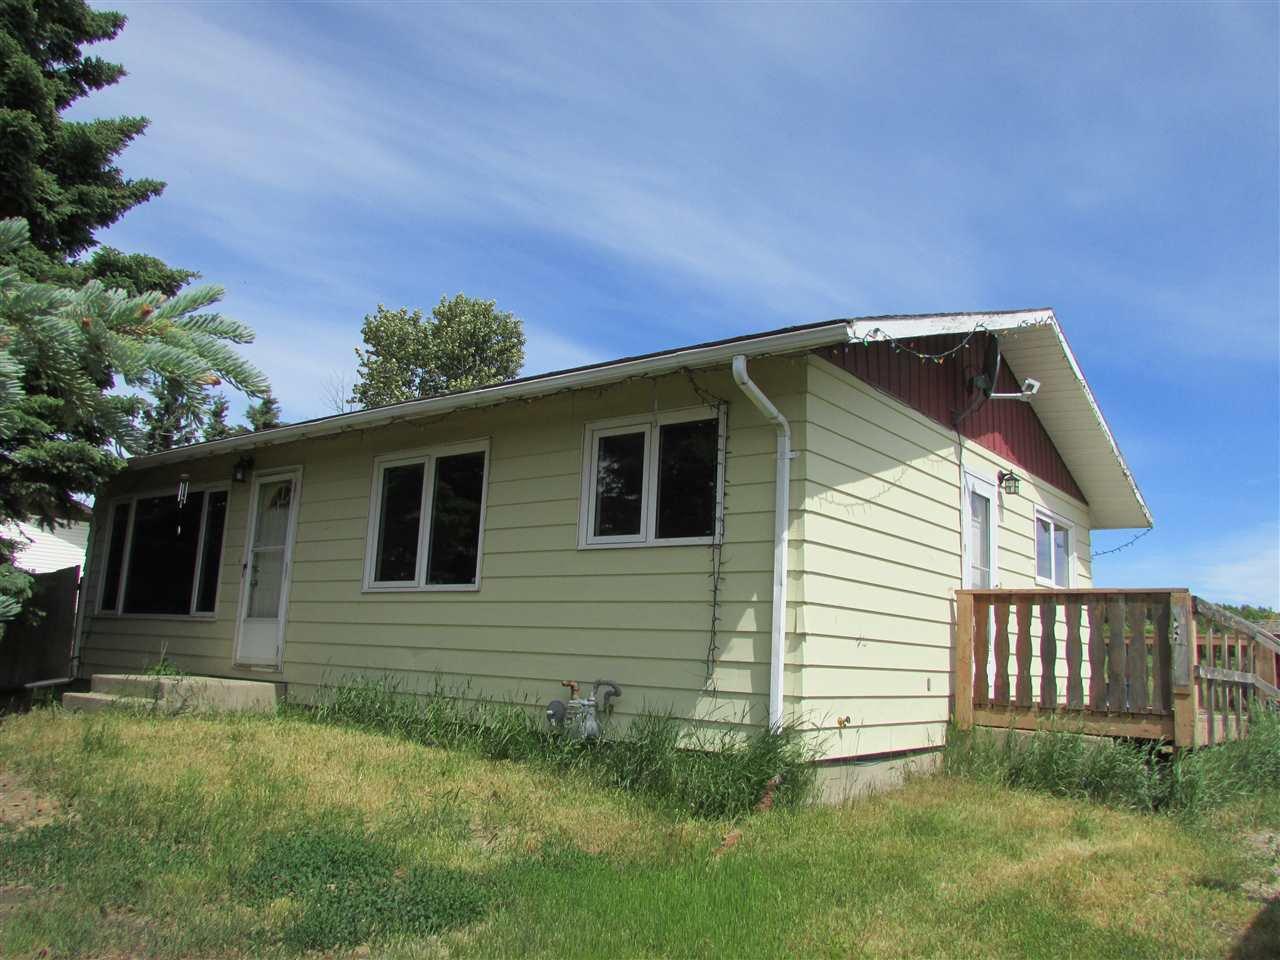 Main Photo: 8958 PINE Road in Fort St. John: Fort St. John - Rural W 100th House for sale (Fort St. John (Zone 60))  : MLS®# R2386445